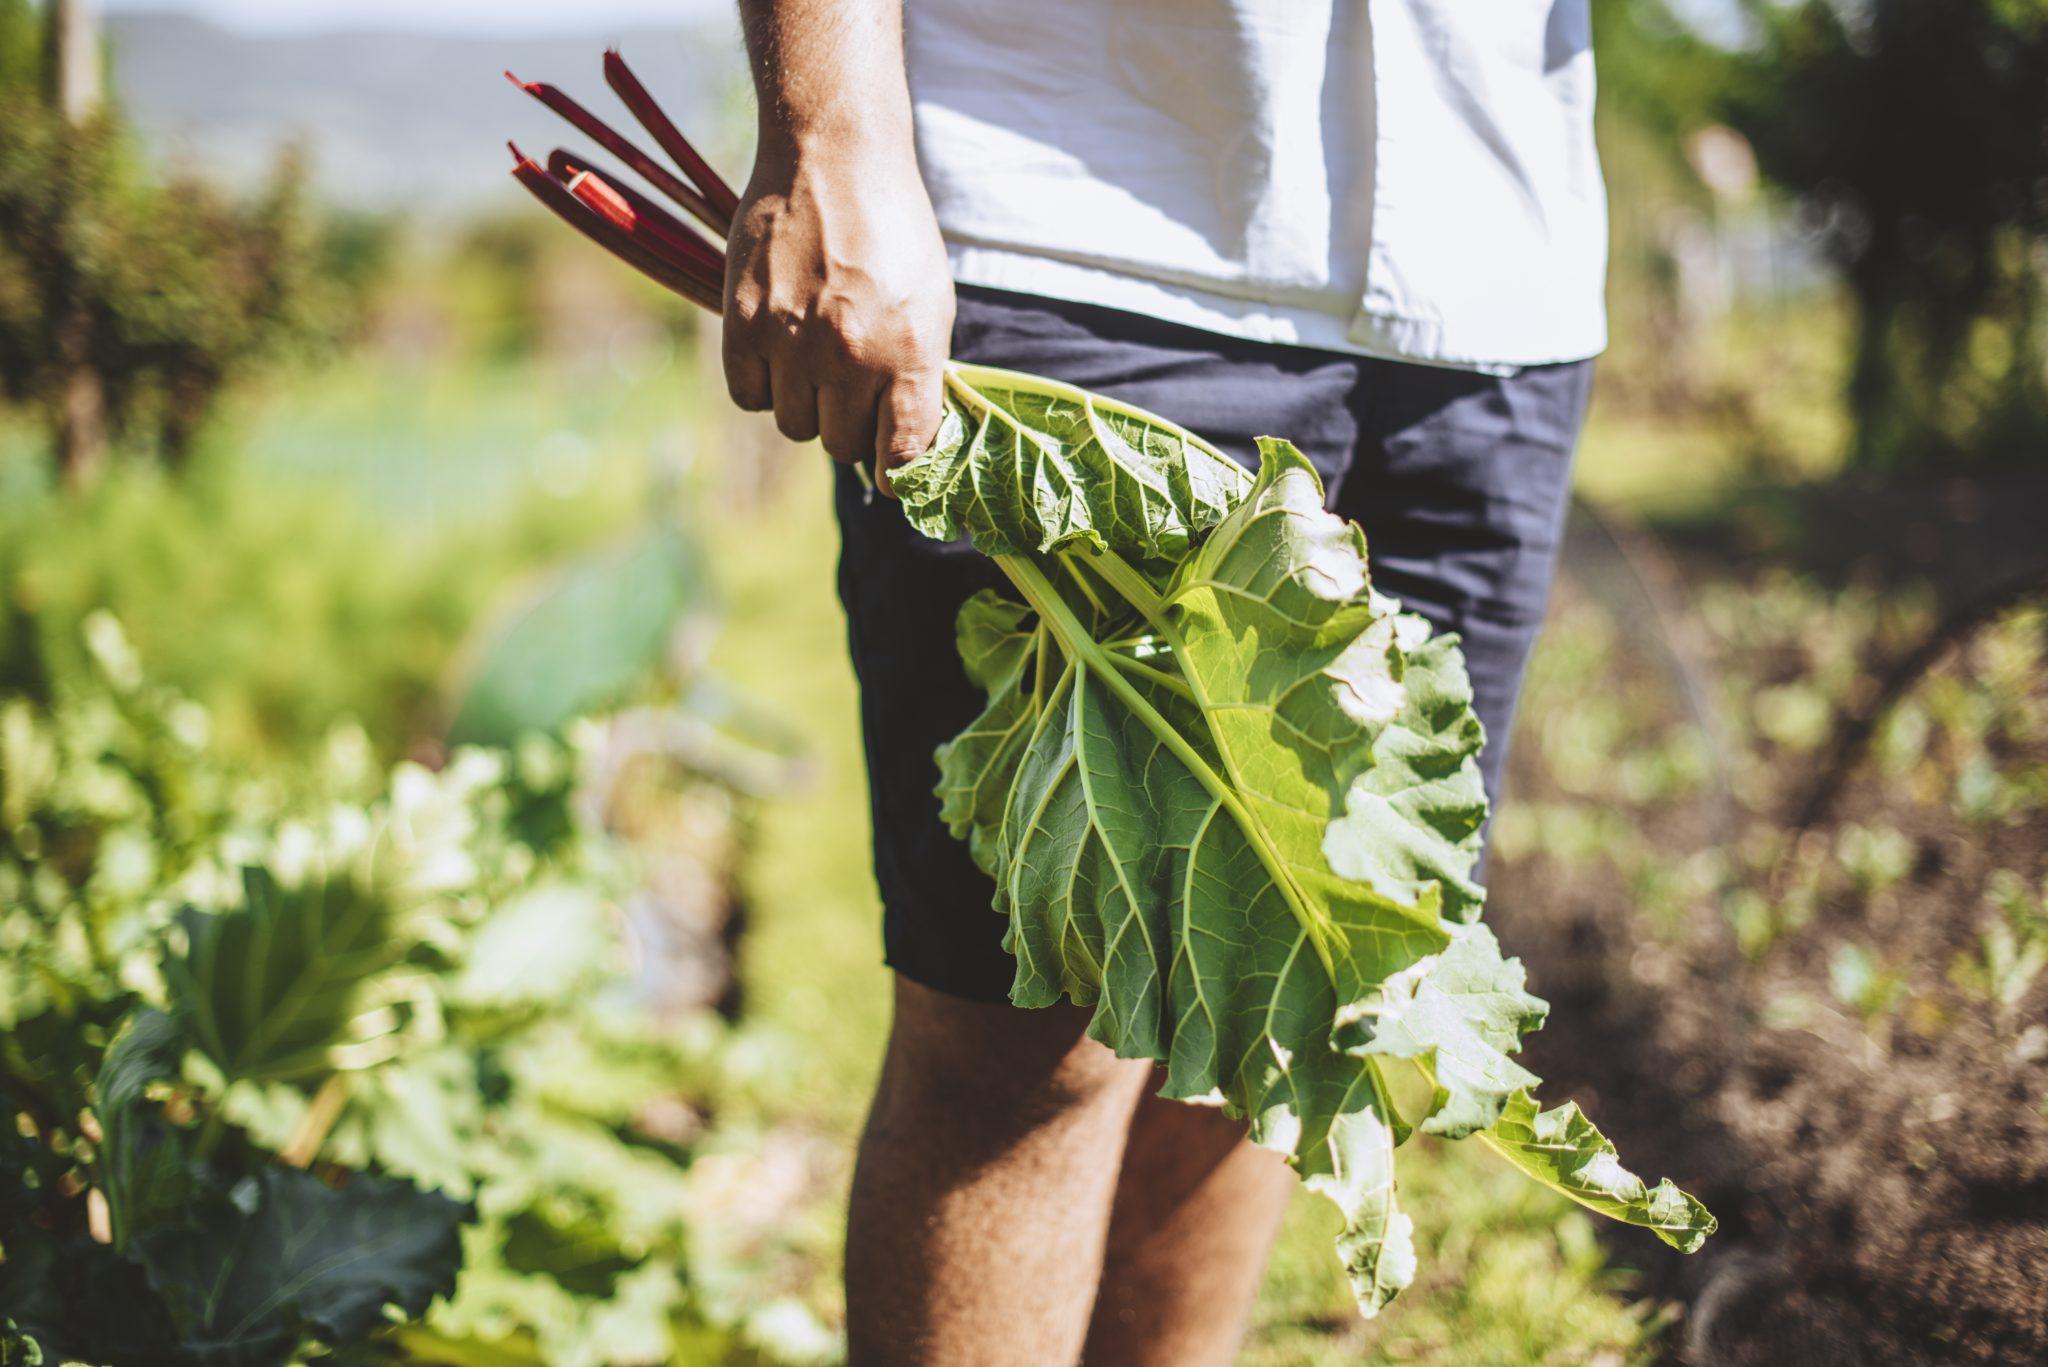 Freshly harvested Avondale's organic garden Sonia Cabano blog eatdrinkcapetown